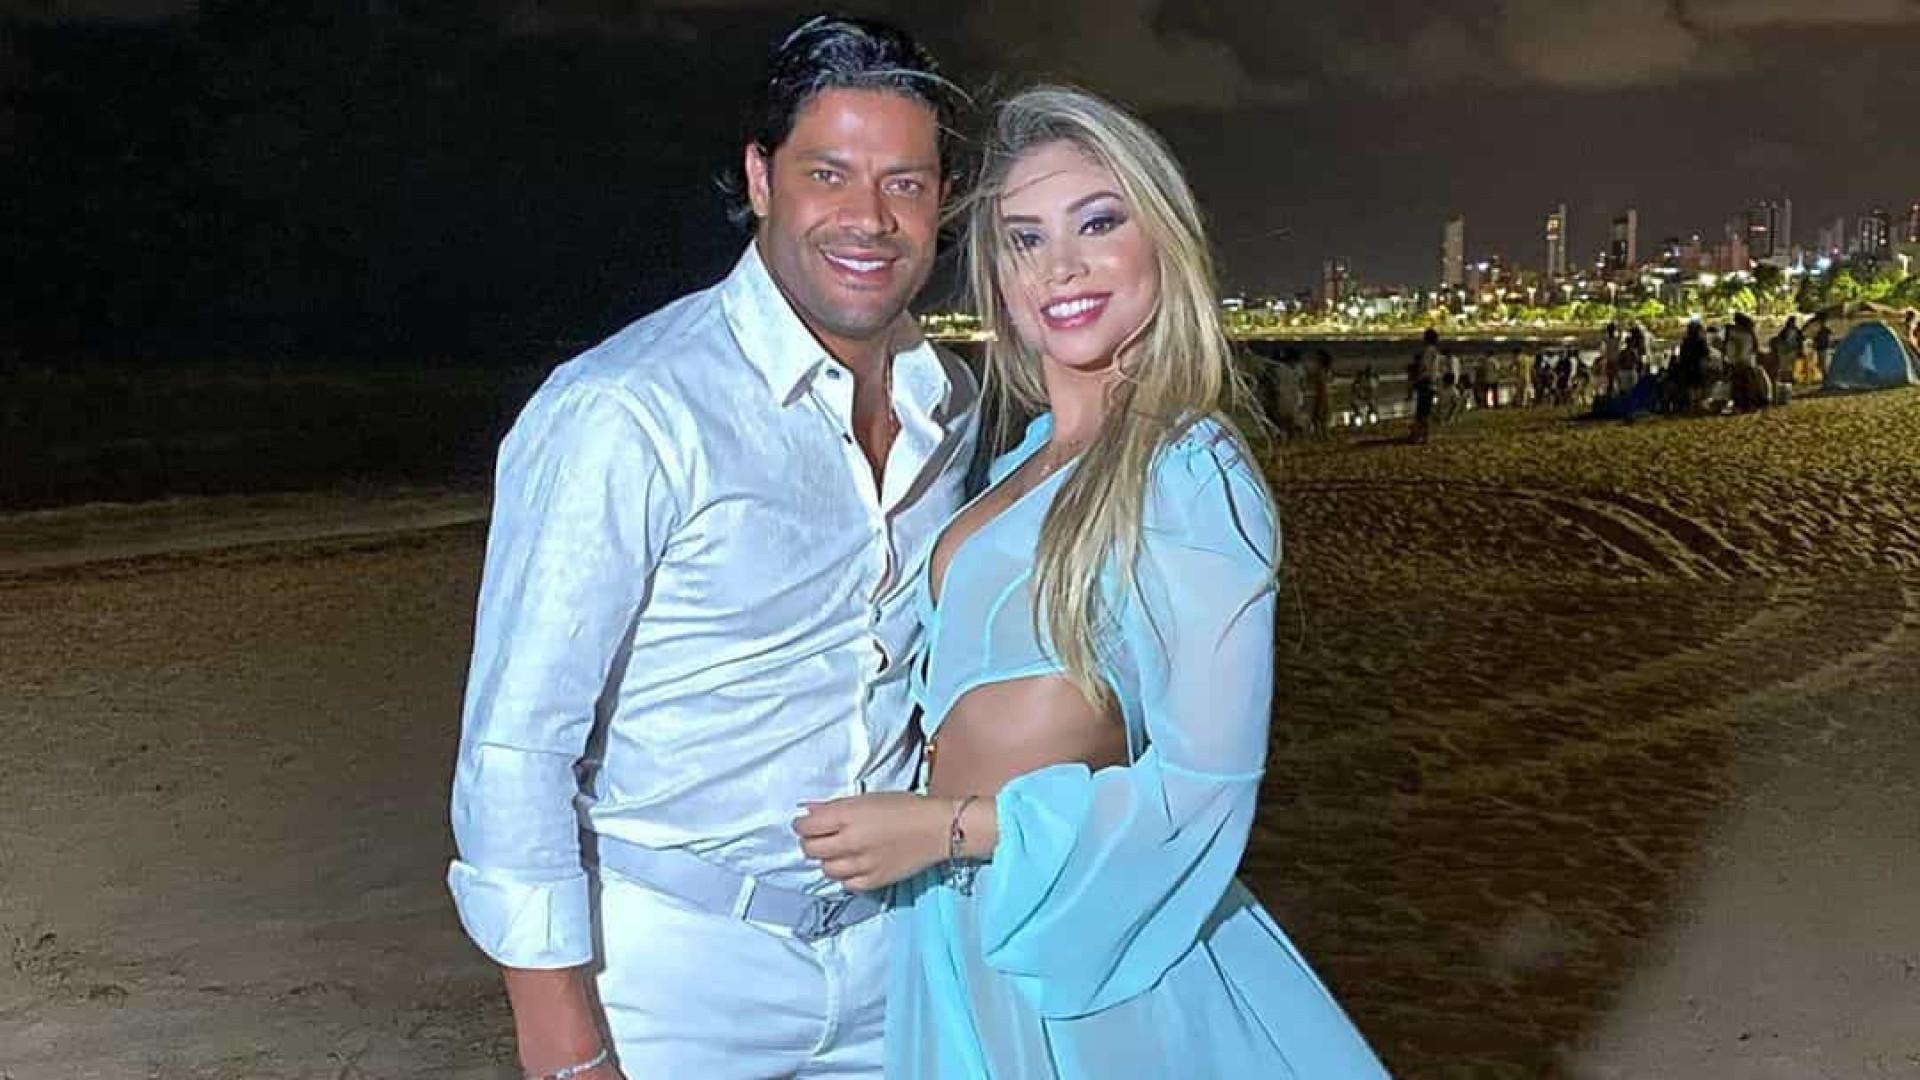 Hulk casou-se (mesmo) com a sobrinha da ex-mulher, diz jornal